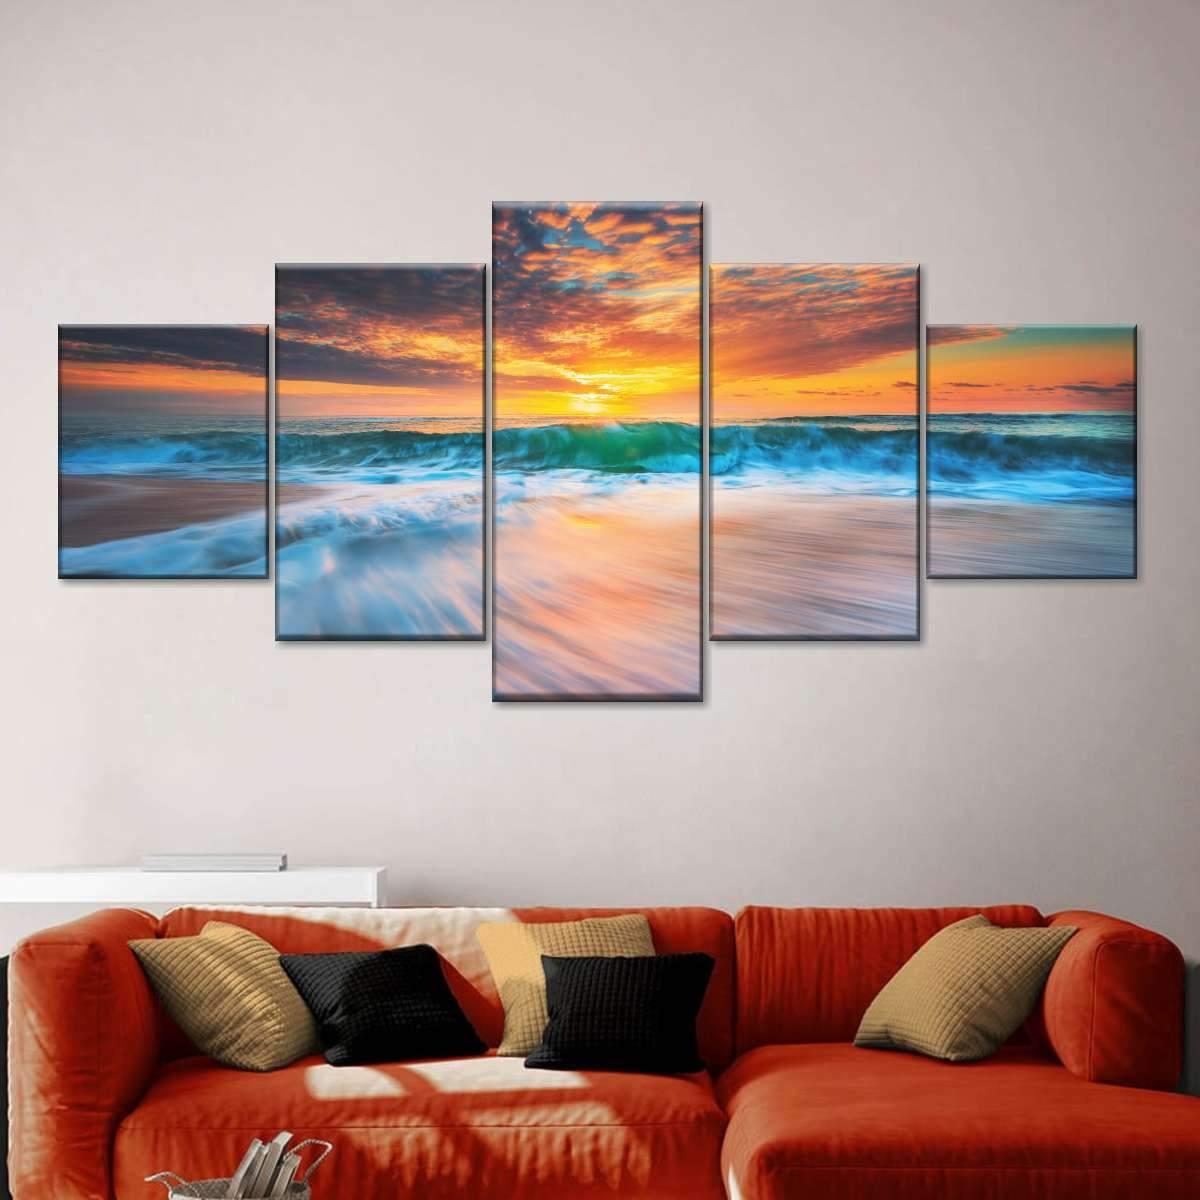 Cloudscape Over Sea Multi Panel Canvas Wall Art